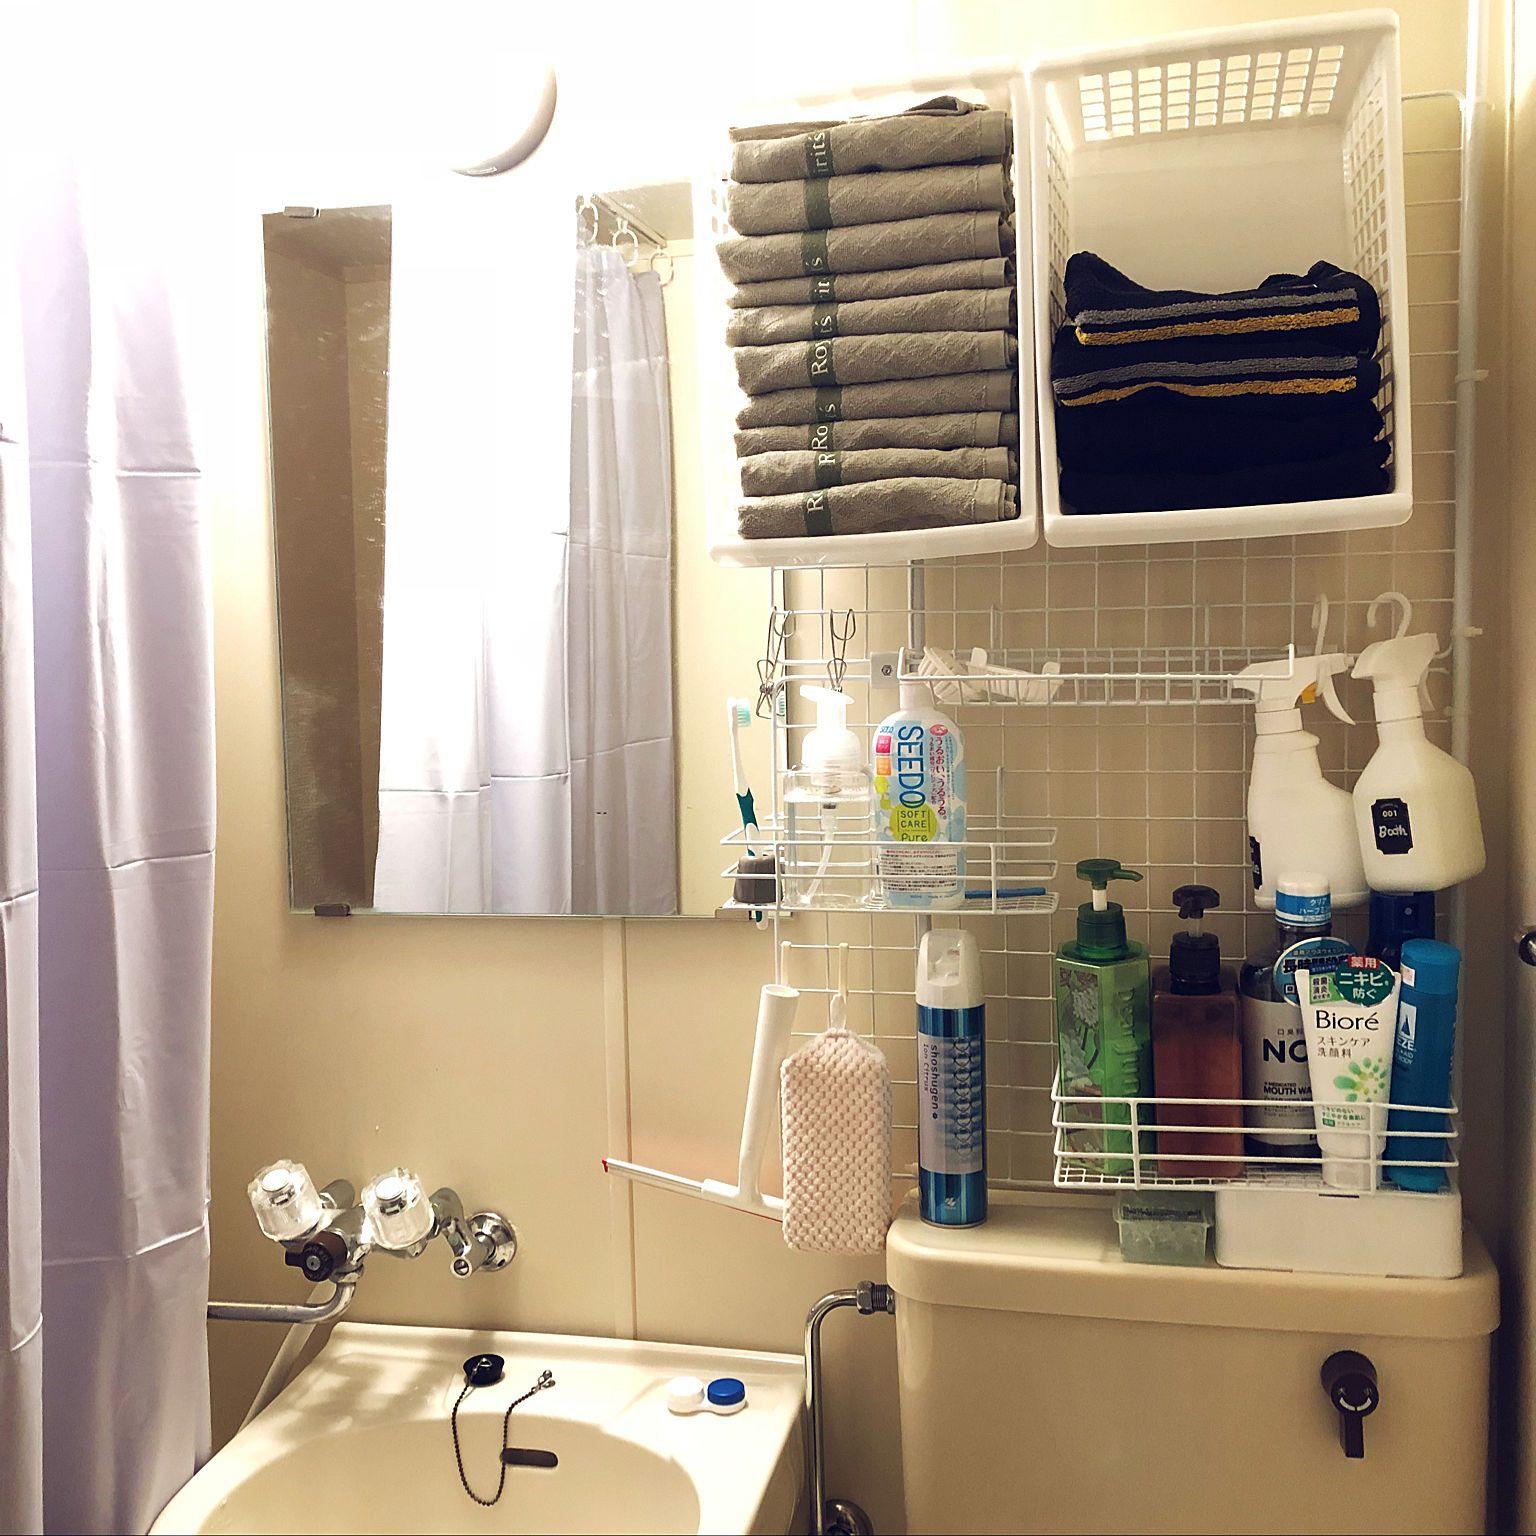 バス トイレ 新生活 大学生男子の部屋 入居日の記録 家具付き賃貸